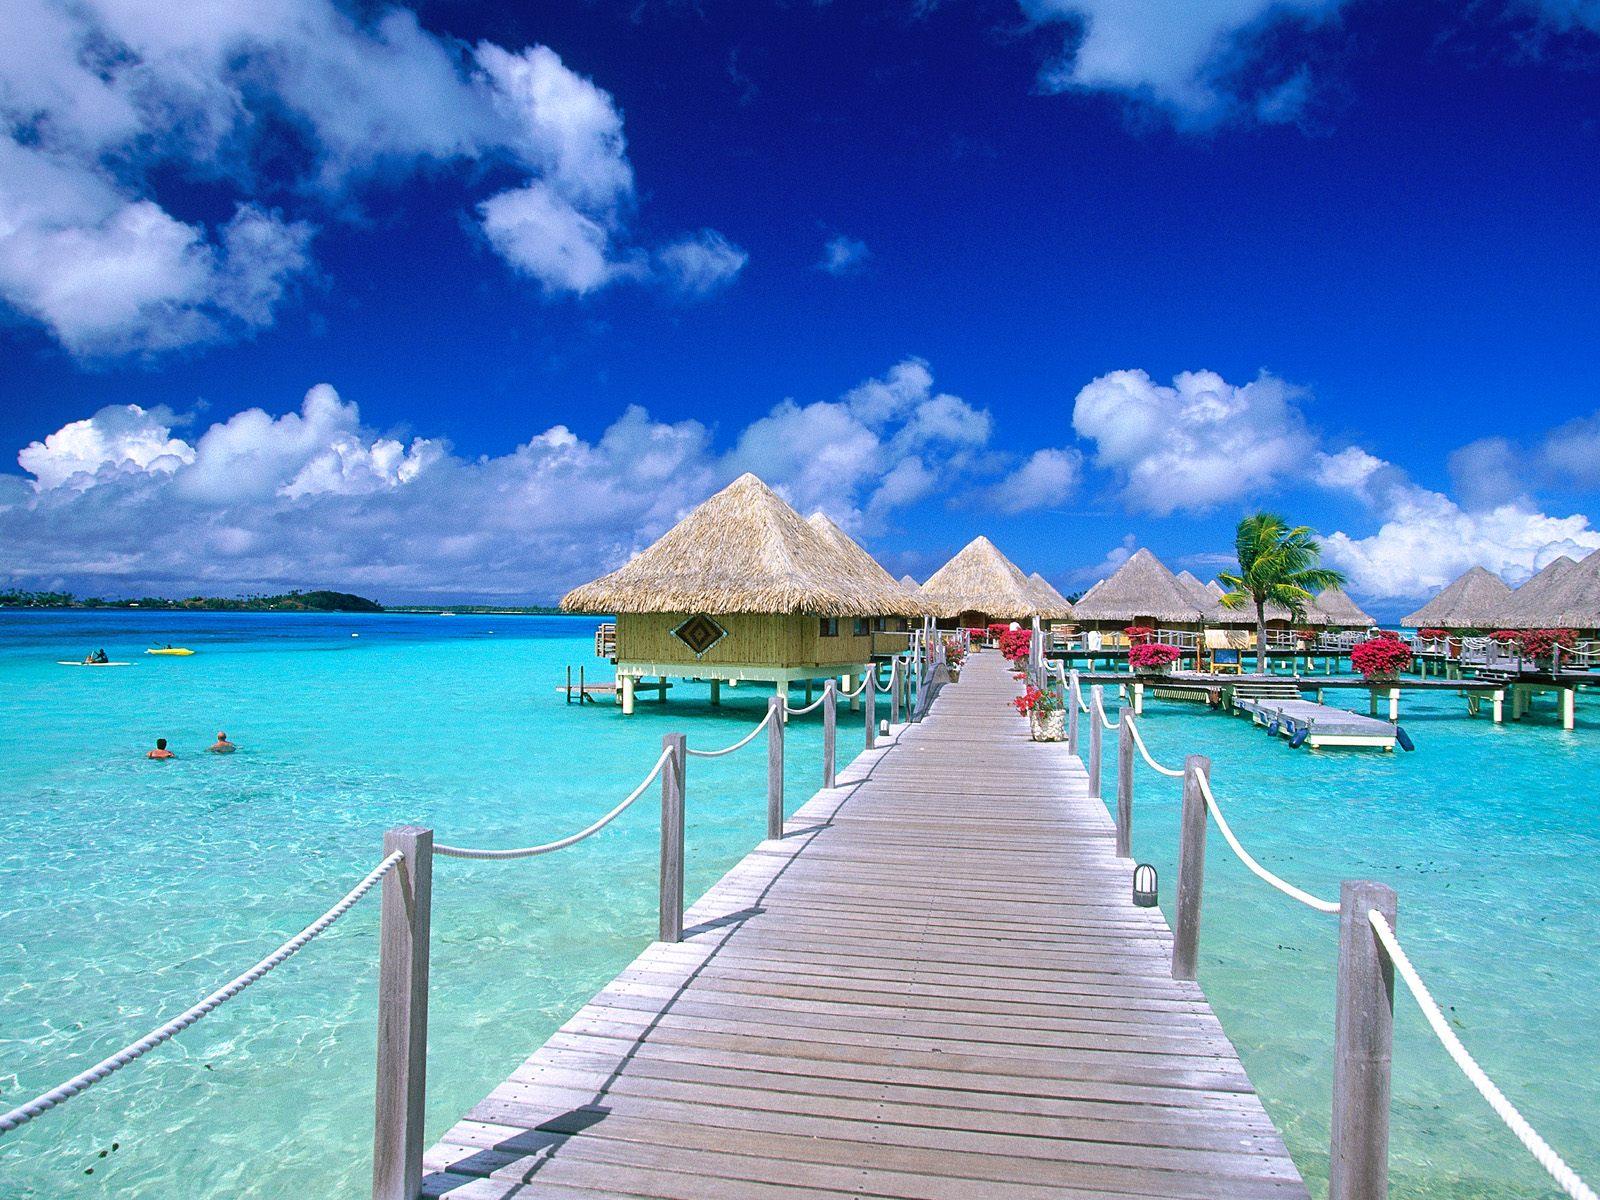 http://2.bp.blogspot.com/-NIYfRWHA6tk/TuJ2ga0OVrI/AAAAAAAAA4E/5UHsitYJP3Q/s1600/tropical+wallpaper+desktop1.jpg